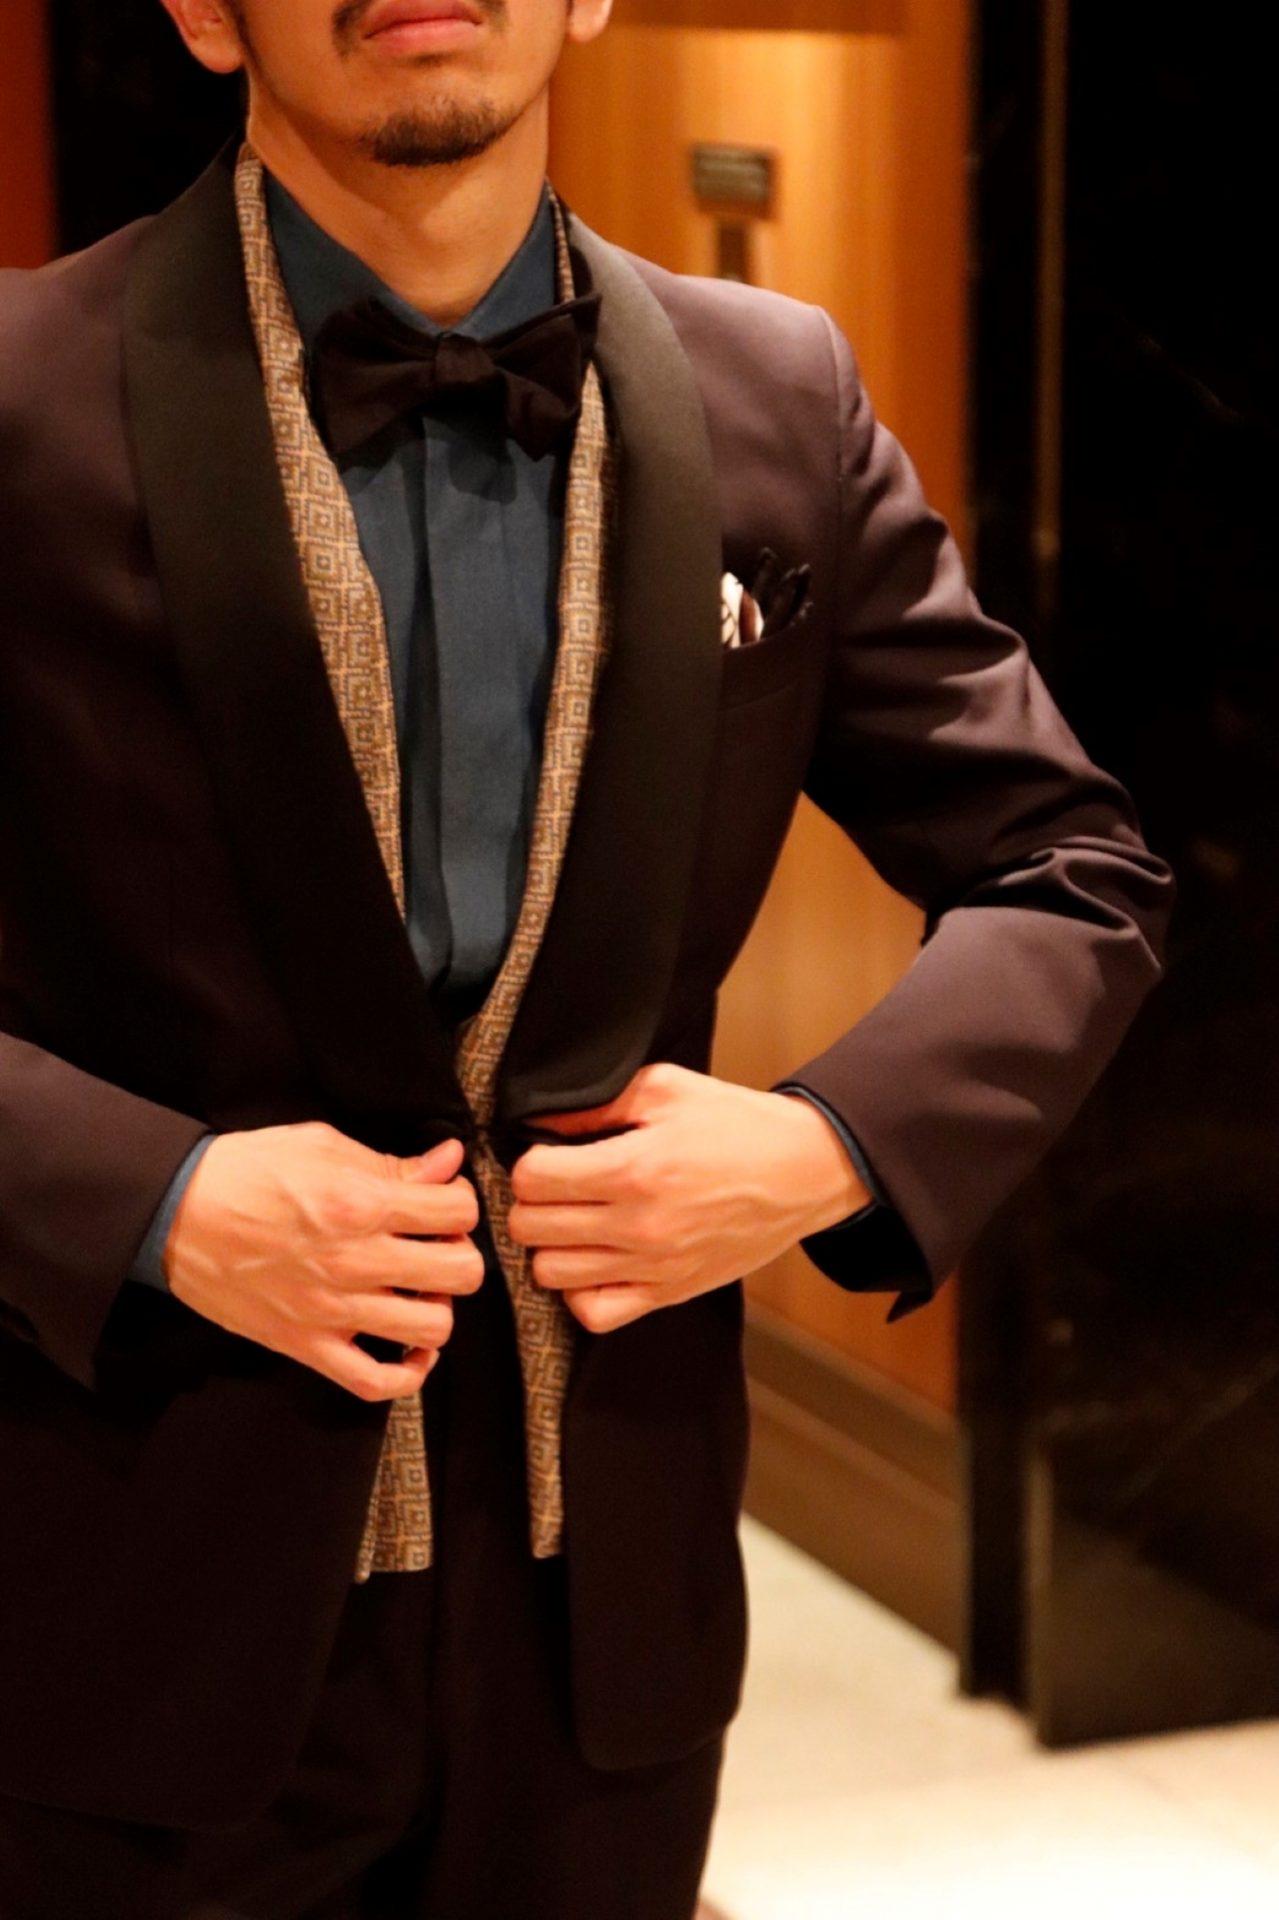 ネイビーのオーダータキシードはモダンな印象を与えると共に、隣に並ぶウェディングドレスを引き立てる事が出来ます。